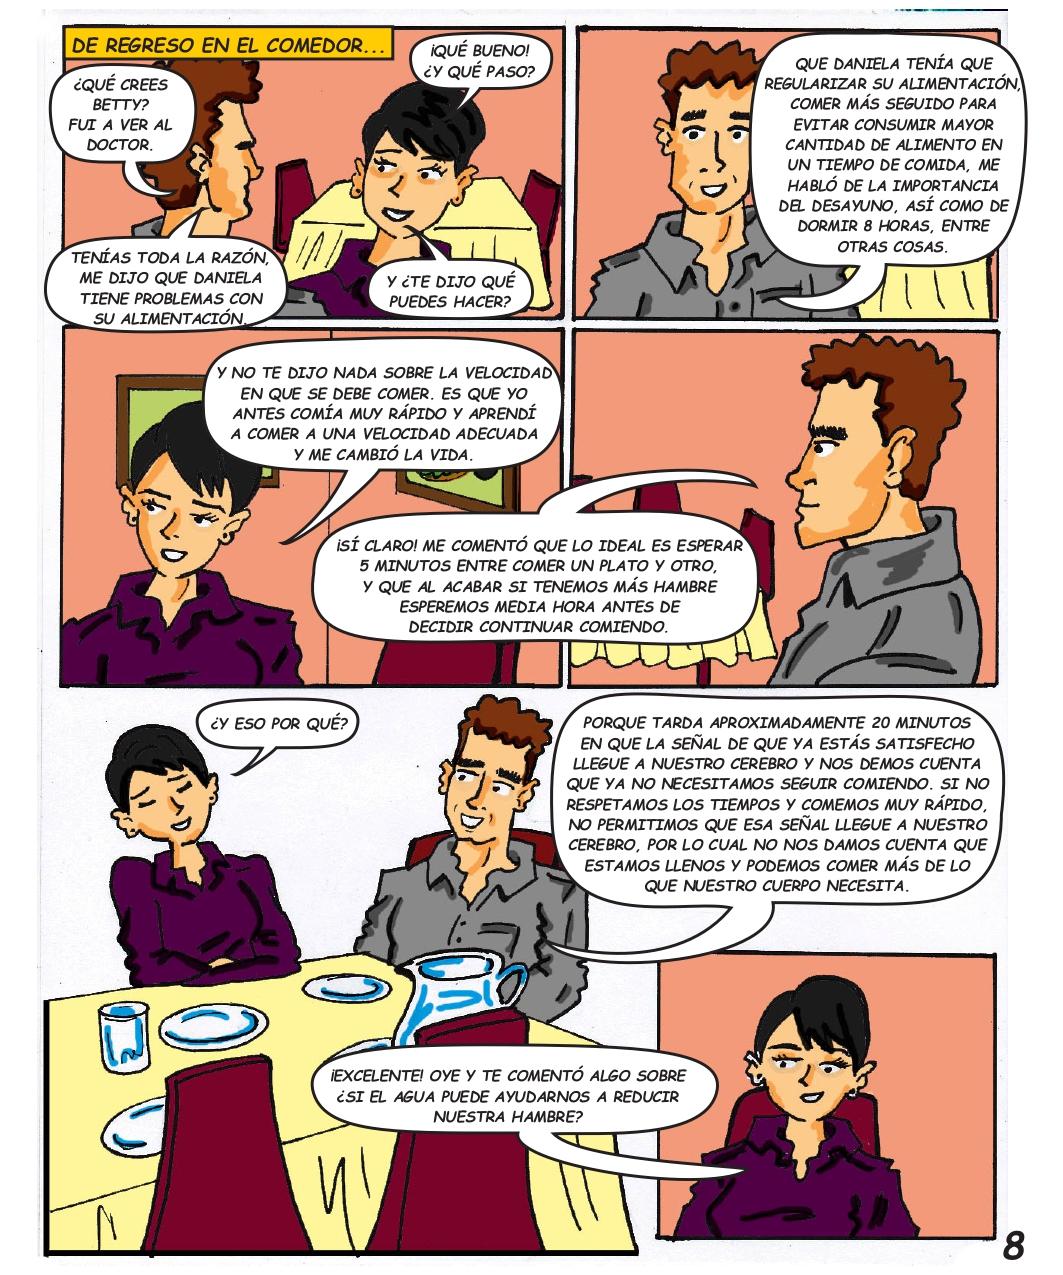 Habitos alimentarios digital_page-0010